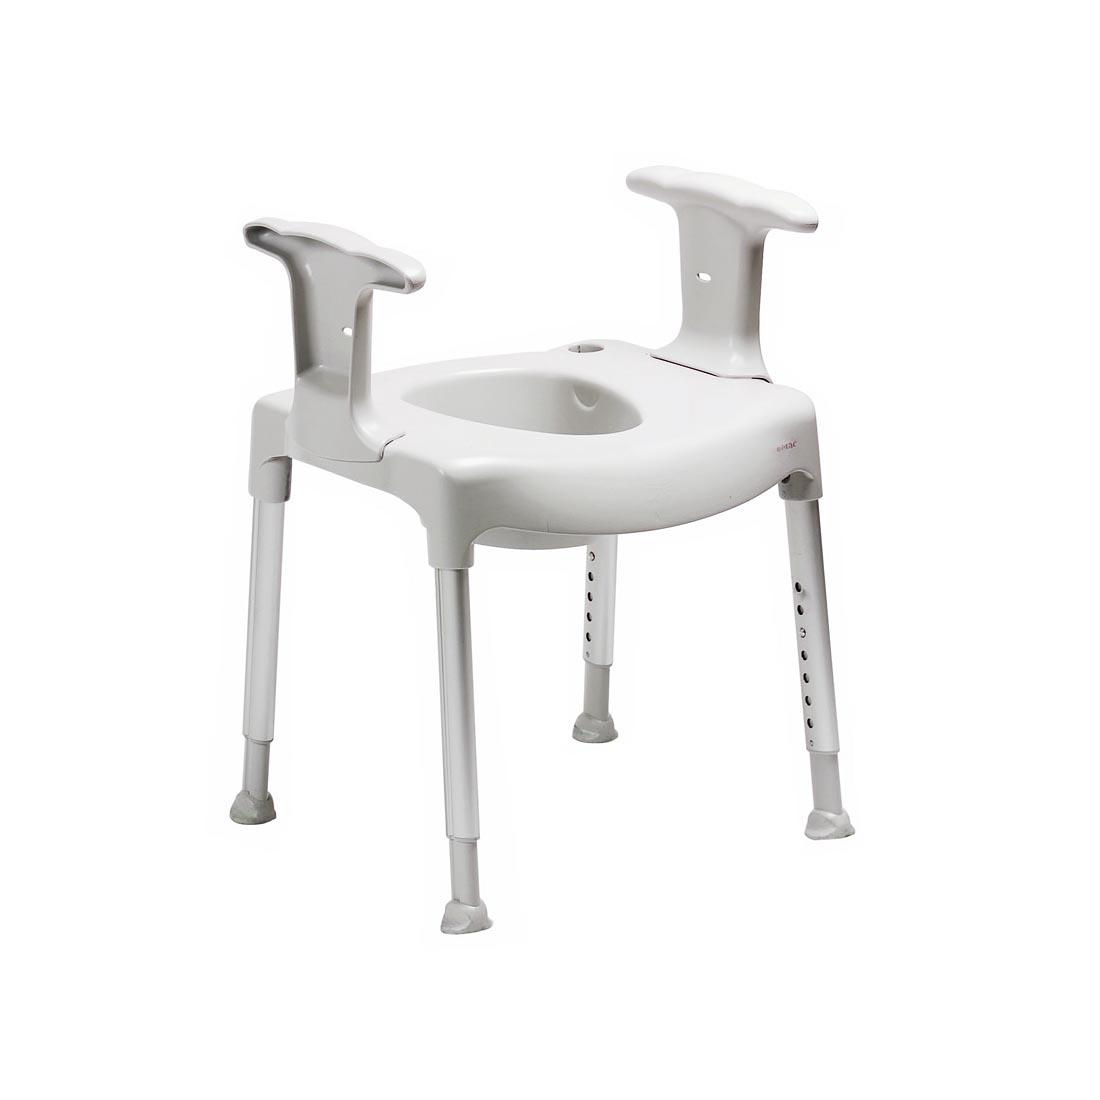 Over Toilet Seat Raiser Swift By Etac Aussie Medical Supplies